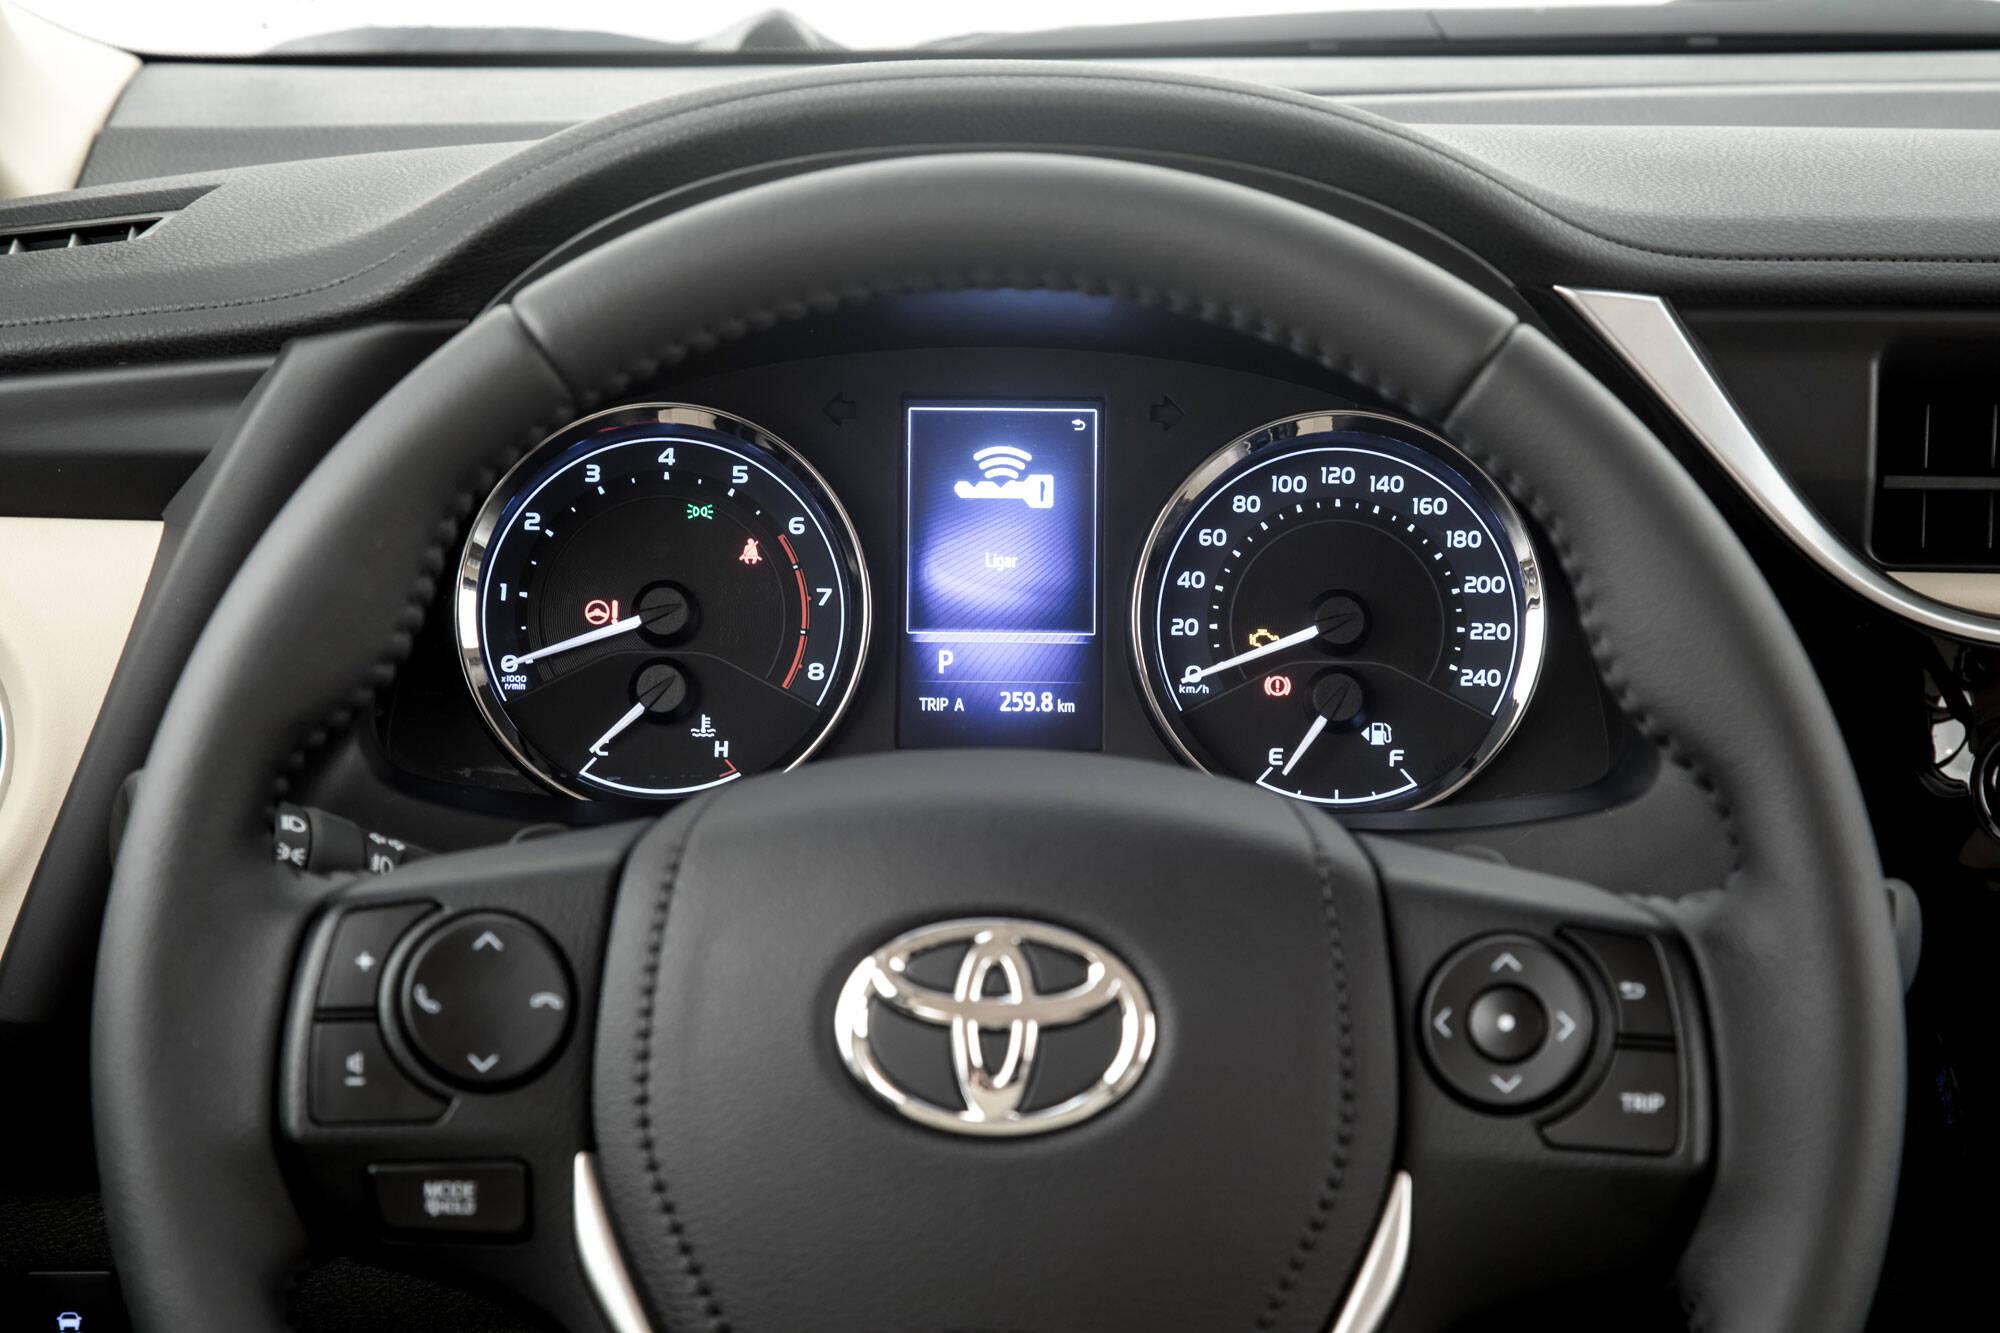 Toyota Corolla Altis. Foto: Divulgação/Toyota